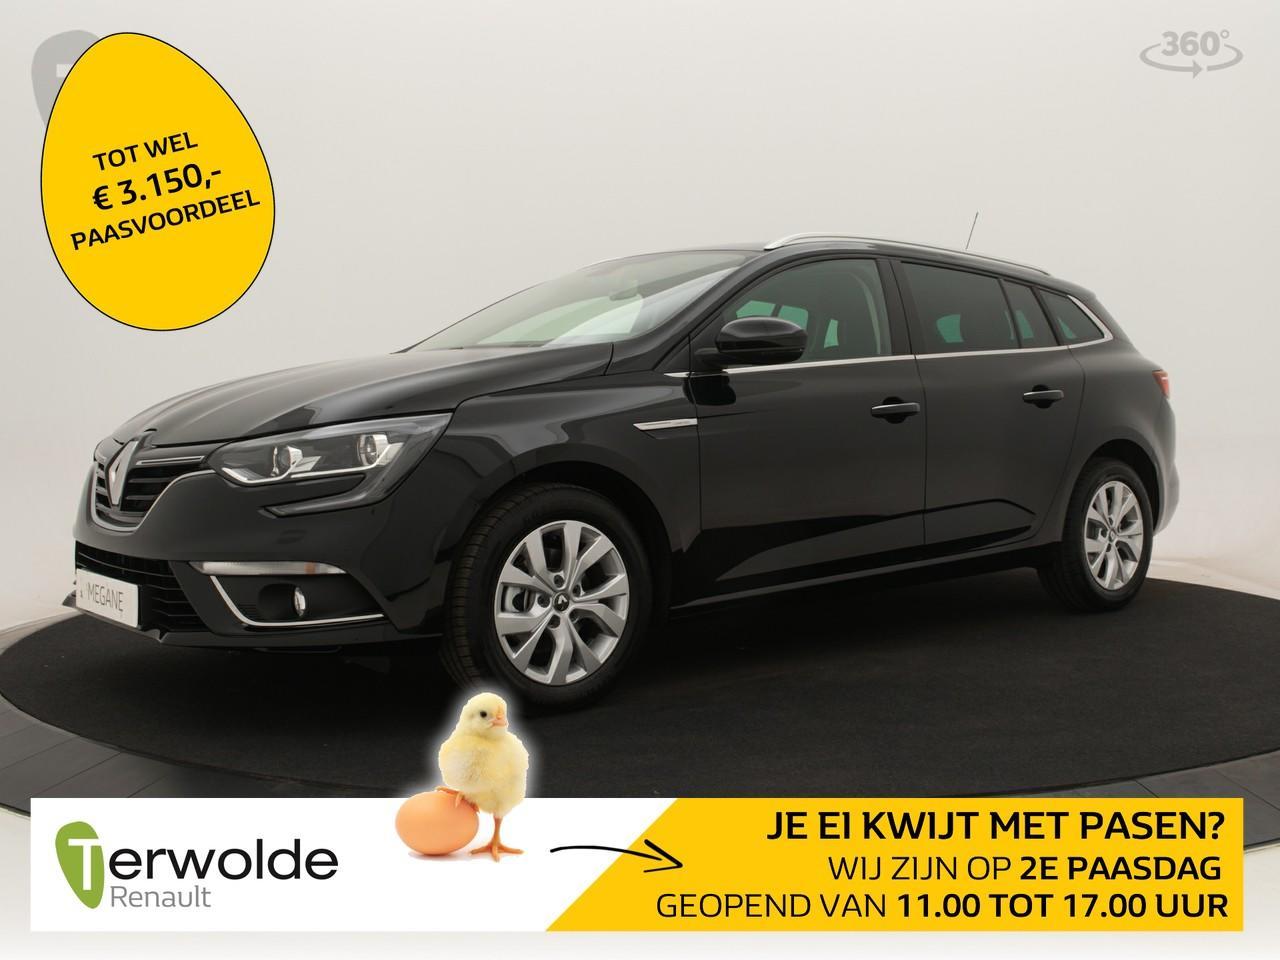 Renault Mégane Estate 115 tce limited nieuw en uit voorraad leverbaar! € 3.459,- korting ! financieren tegen 2,9% rente! private lease mogelijk